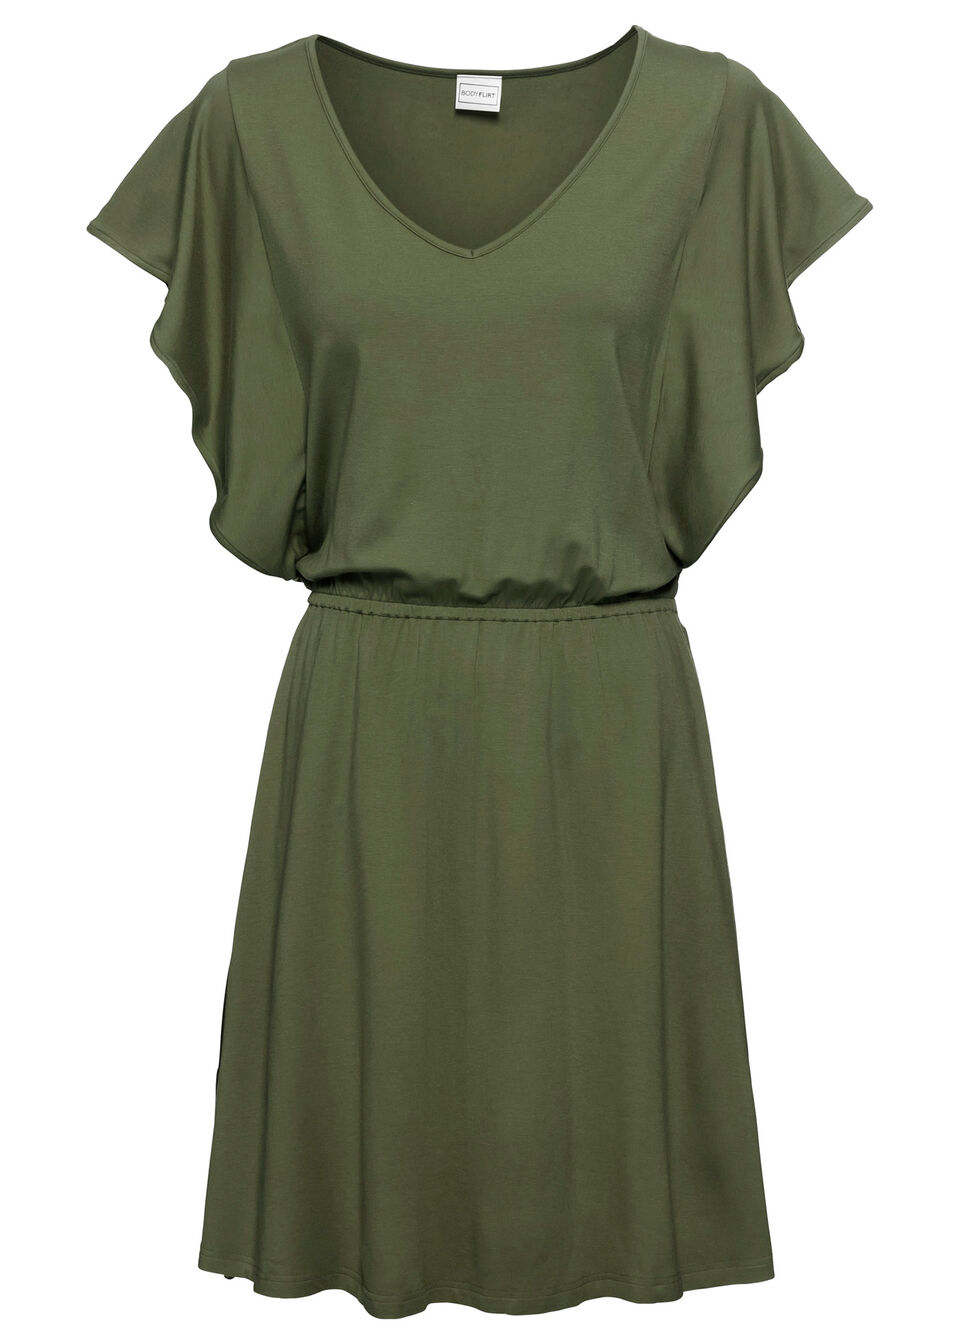 Купить Платья, Платье с рукавами-воланами, трикотаж, bonprix, темный хаки